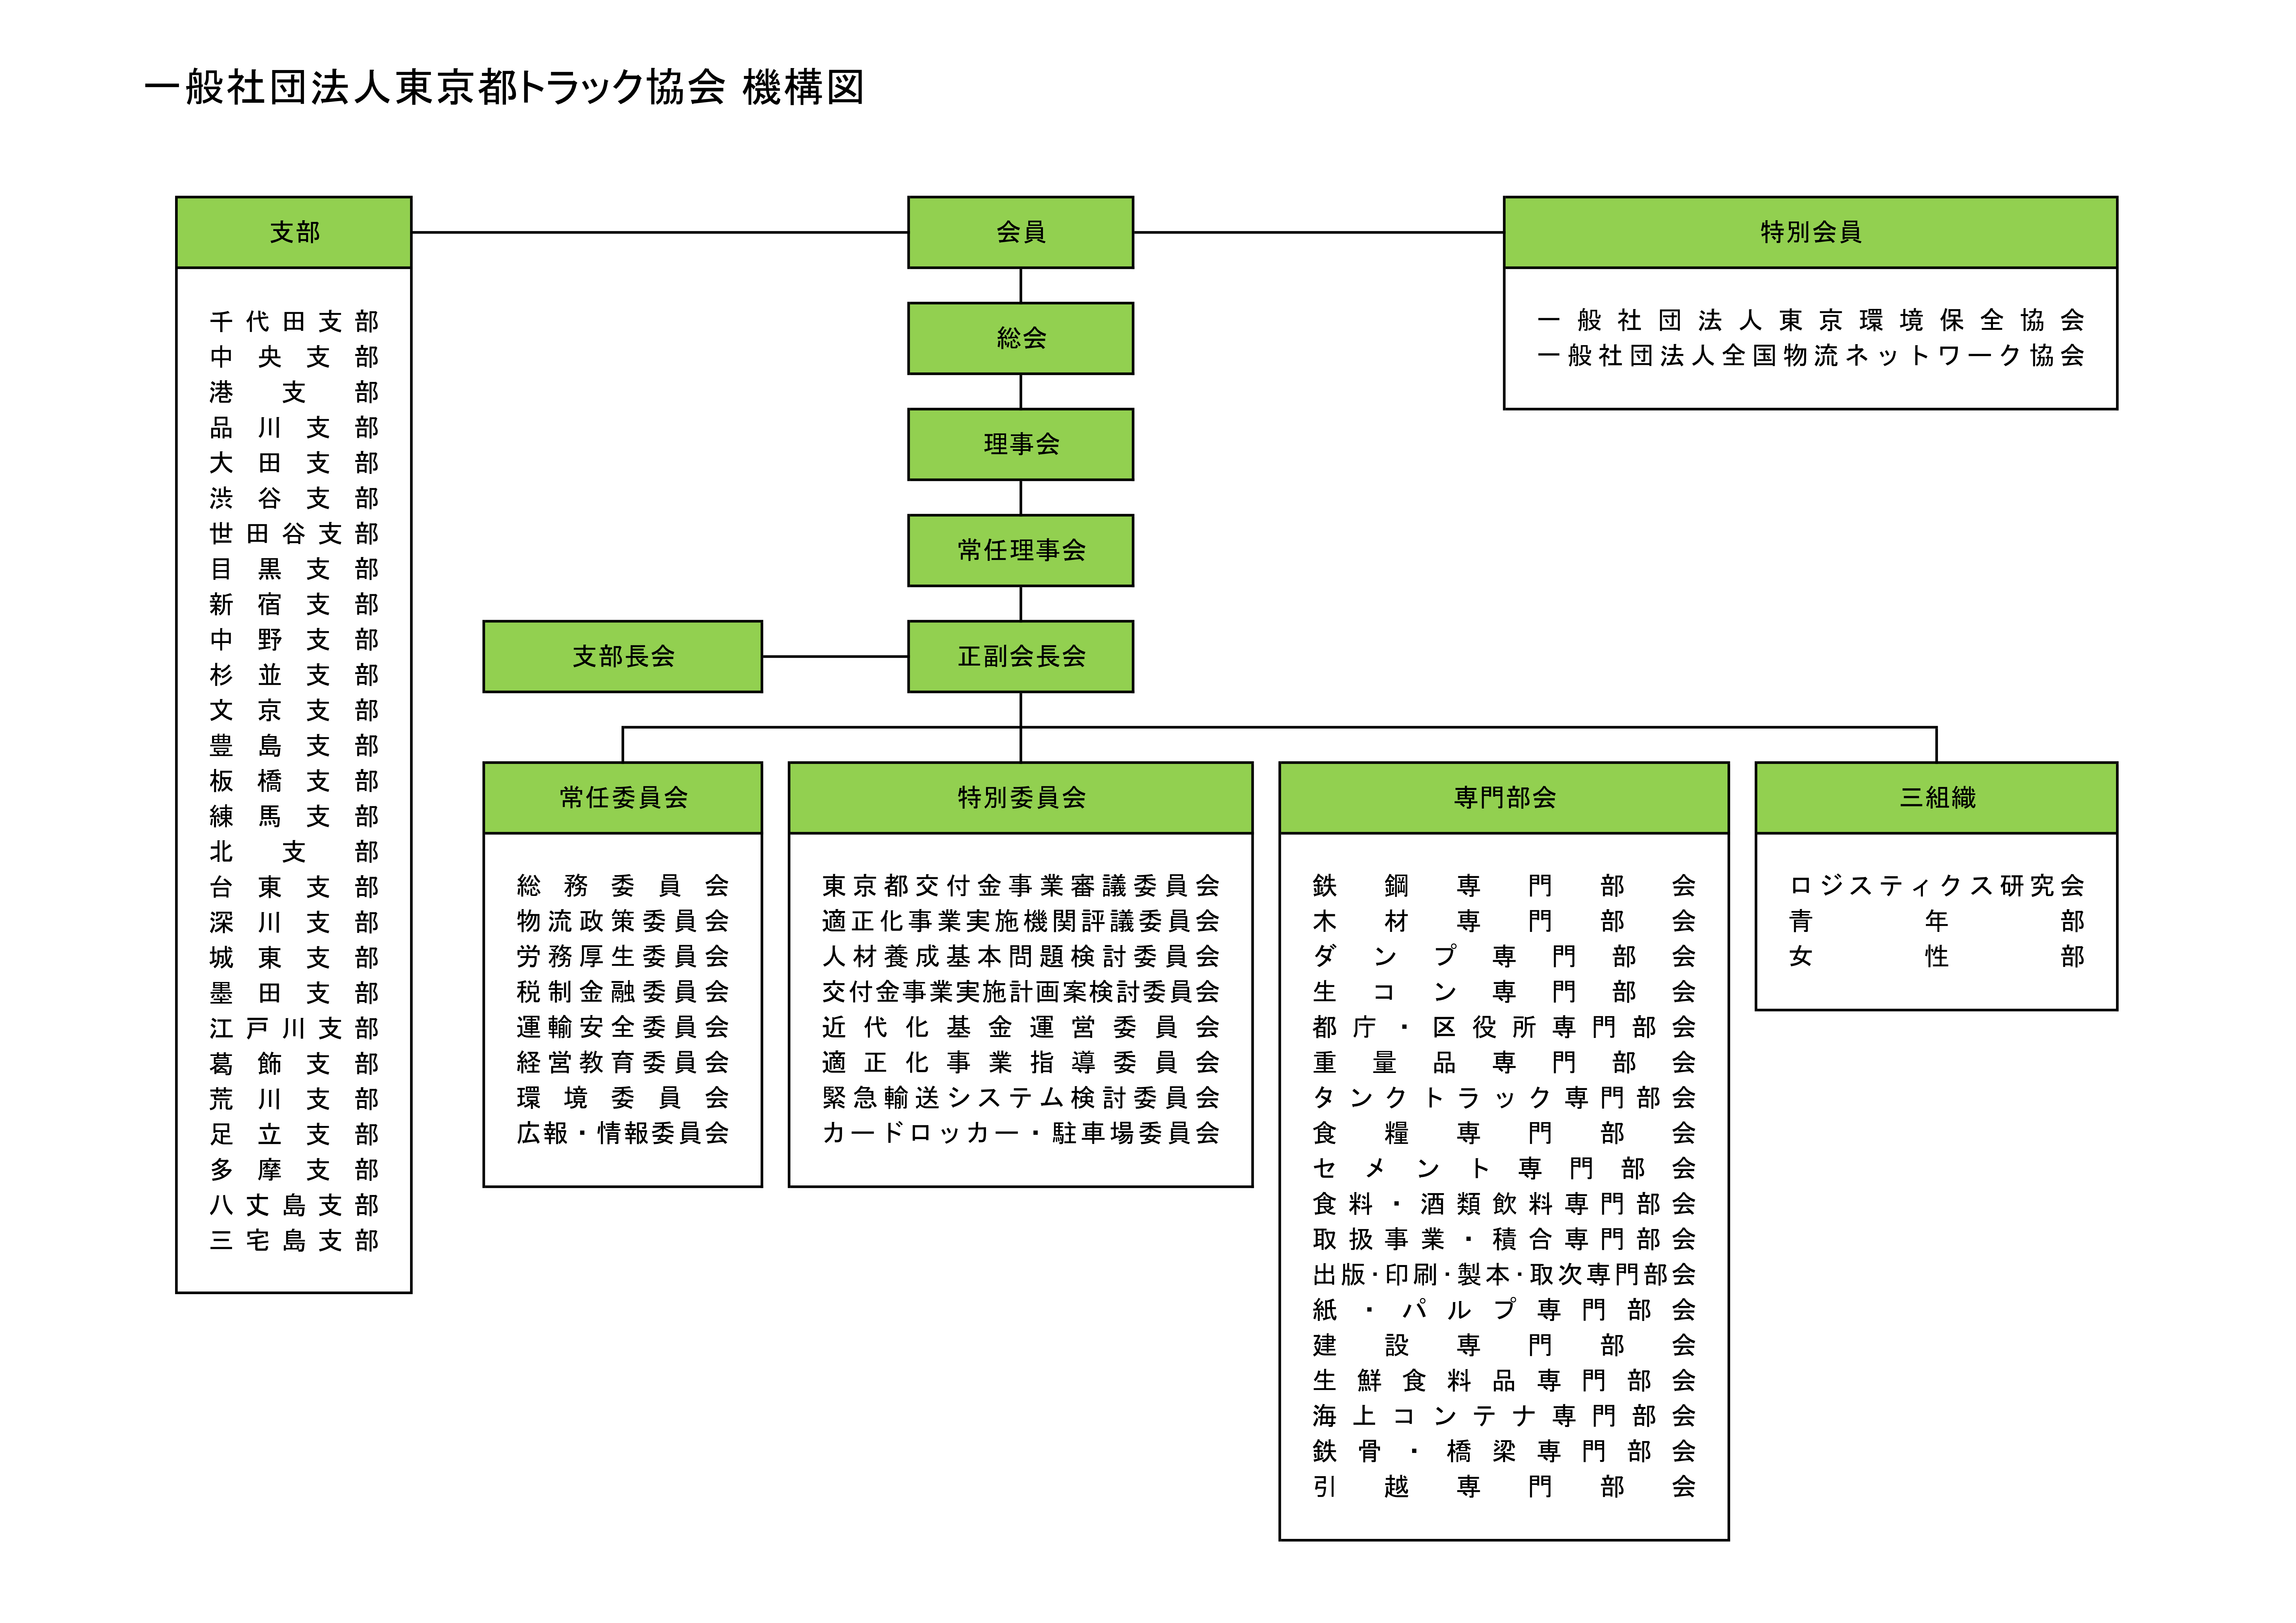 一般社団法人東京都トラック協会機構図